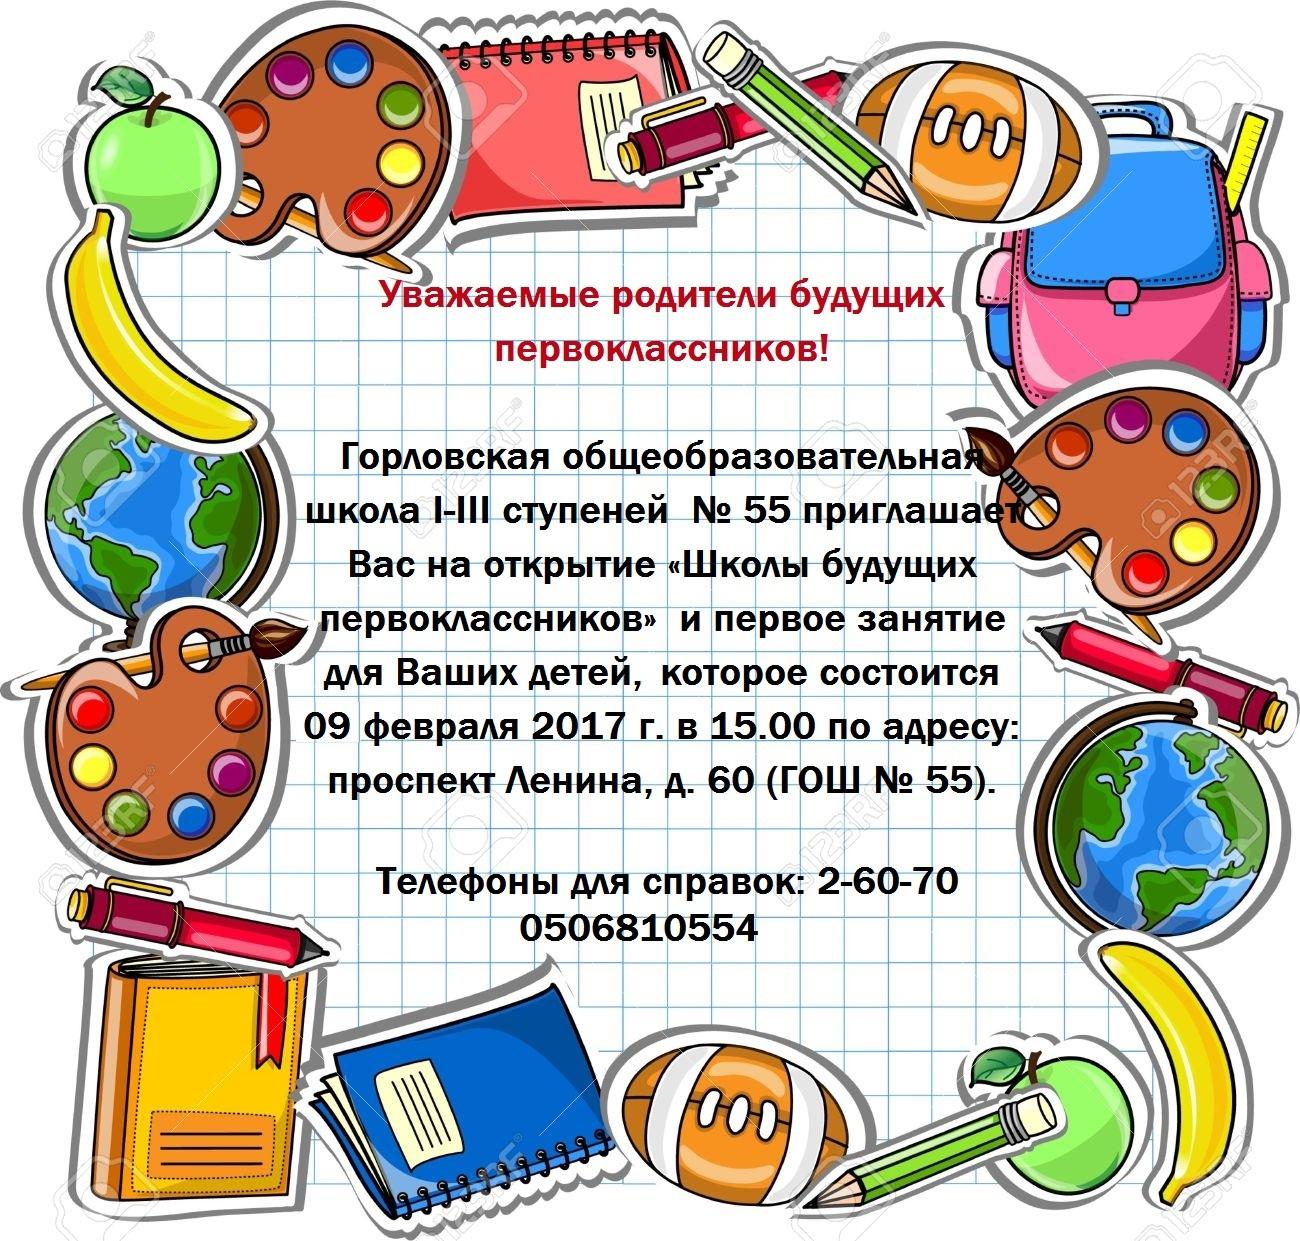 Сценарий последнего звонка 11 класс «Поздравление учителям» 45